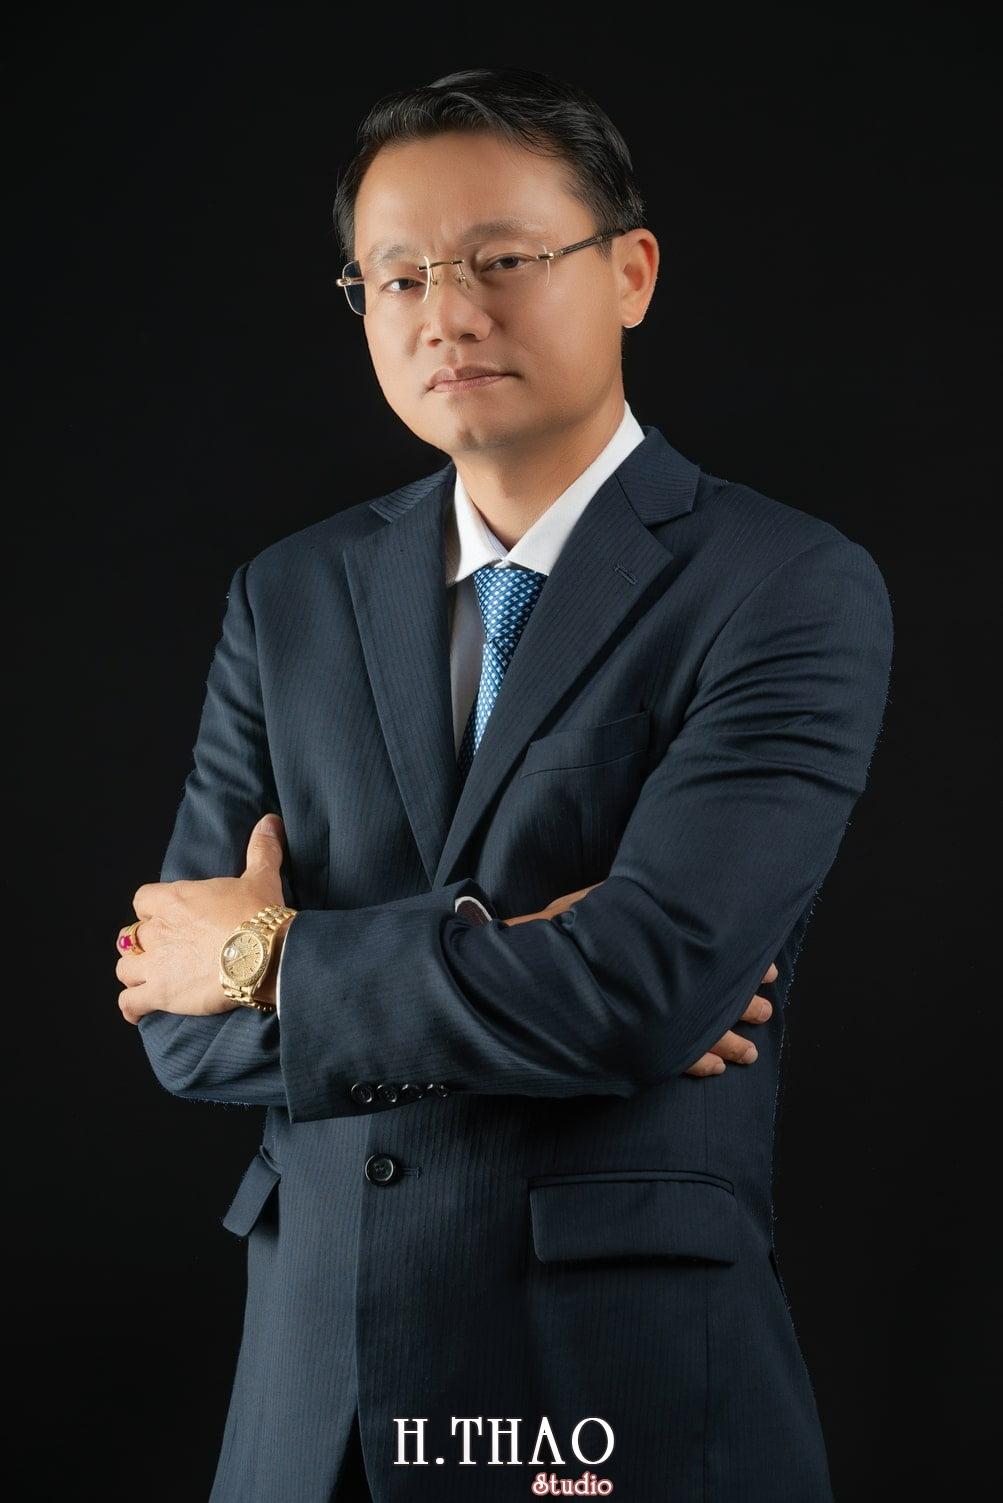 Anh Doanh Nhan 1 - Studio chuyên chụp ảnh profile công ty tại Tp.HCM – HThao Studio